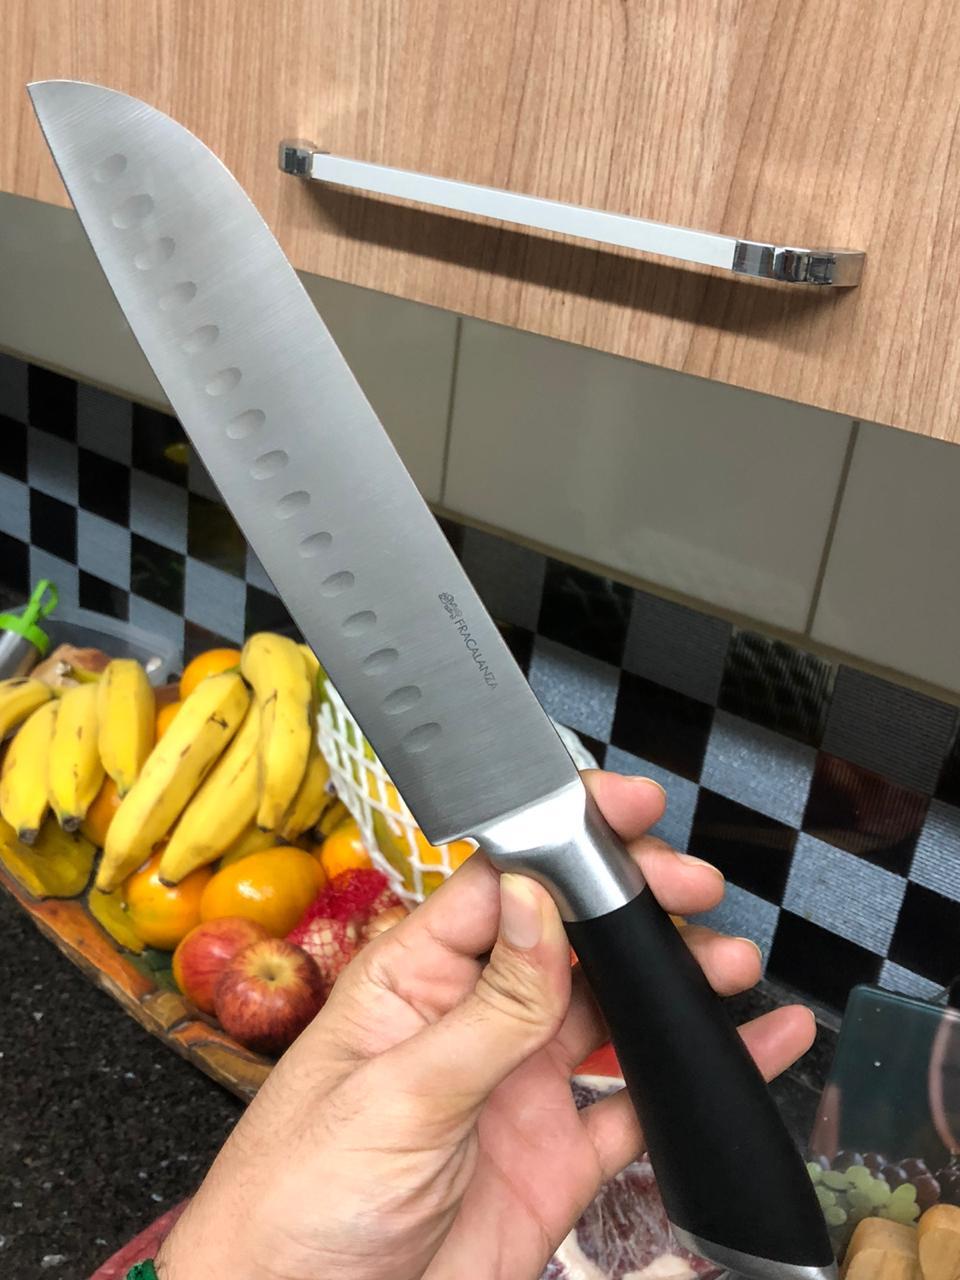 Faca santoku de cozinha chef churrasco sushi fatiar e picar em aço inox